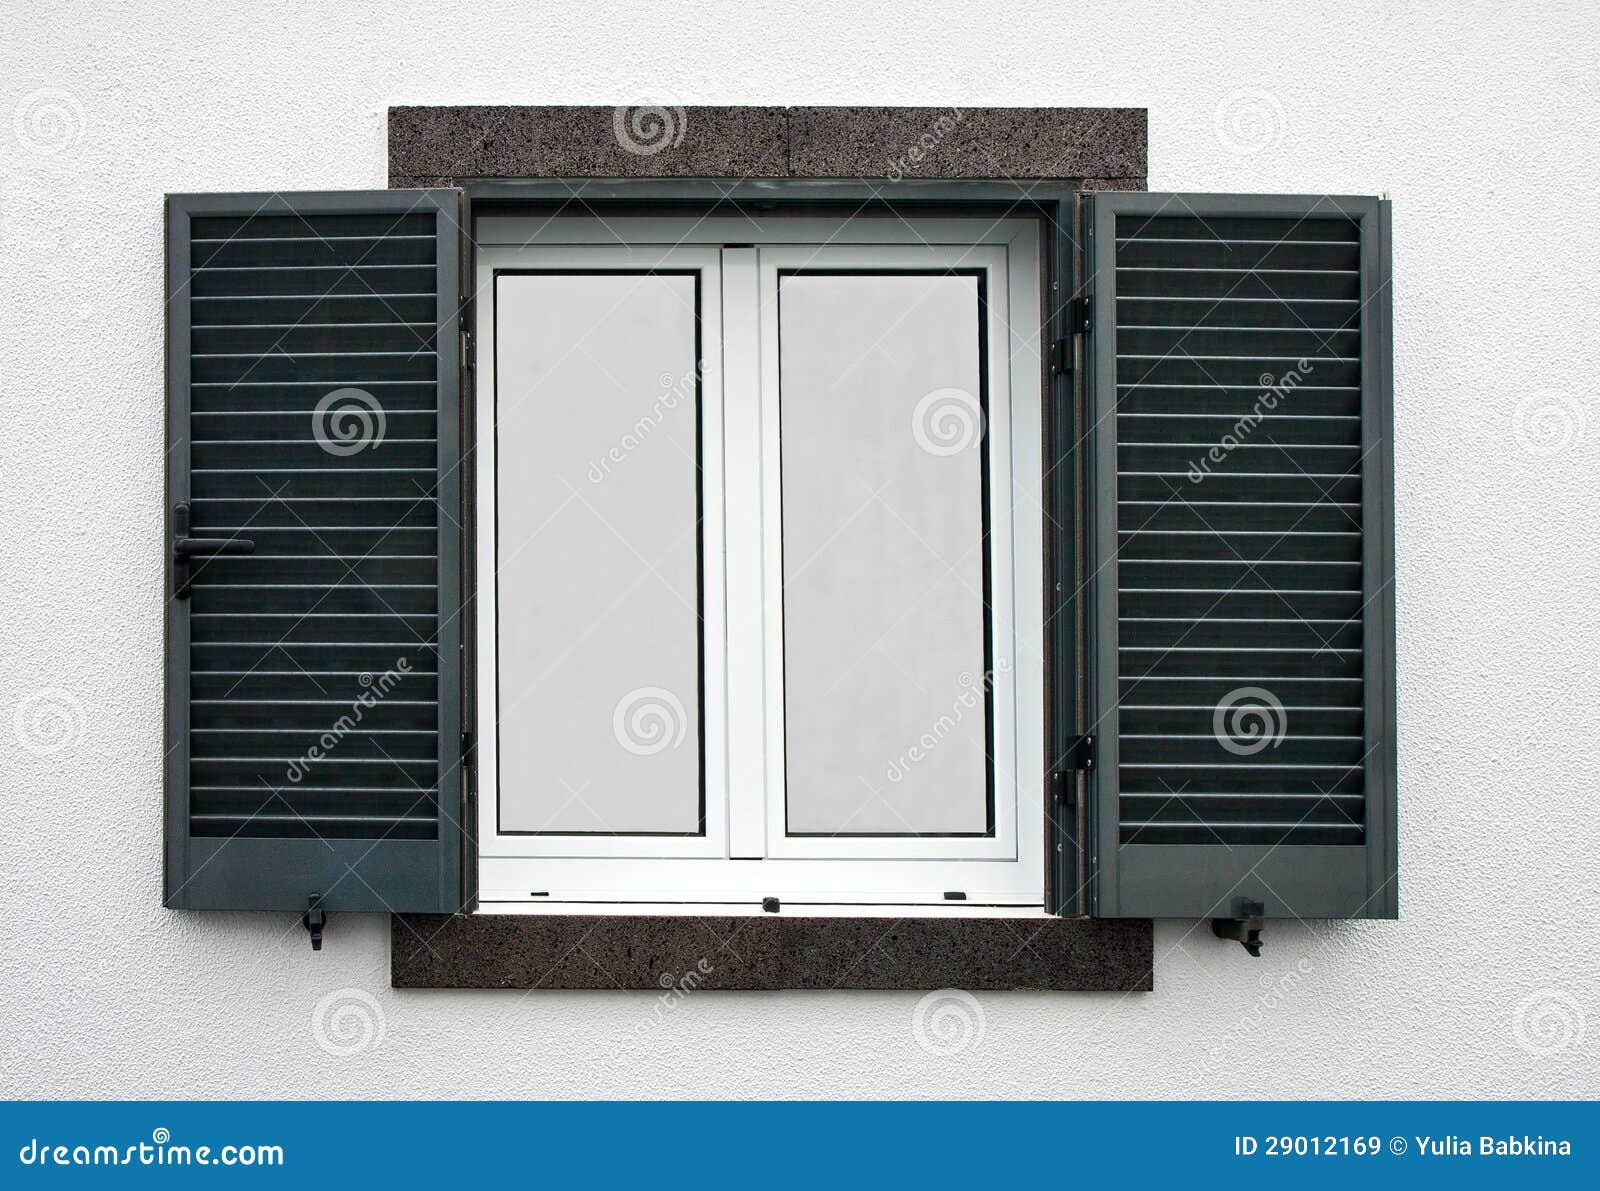 fenster mit offenen fensterl den stockbild bild von wand geschlossen 29012169. Black Bedroom Furniture Sets. Home Design Ideas